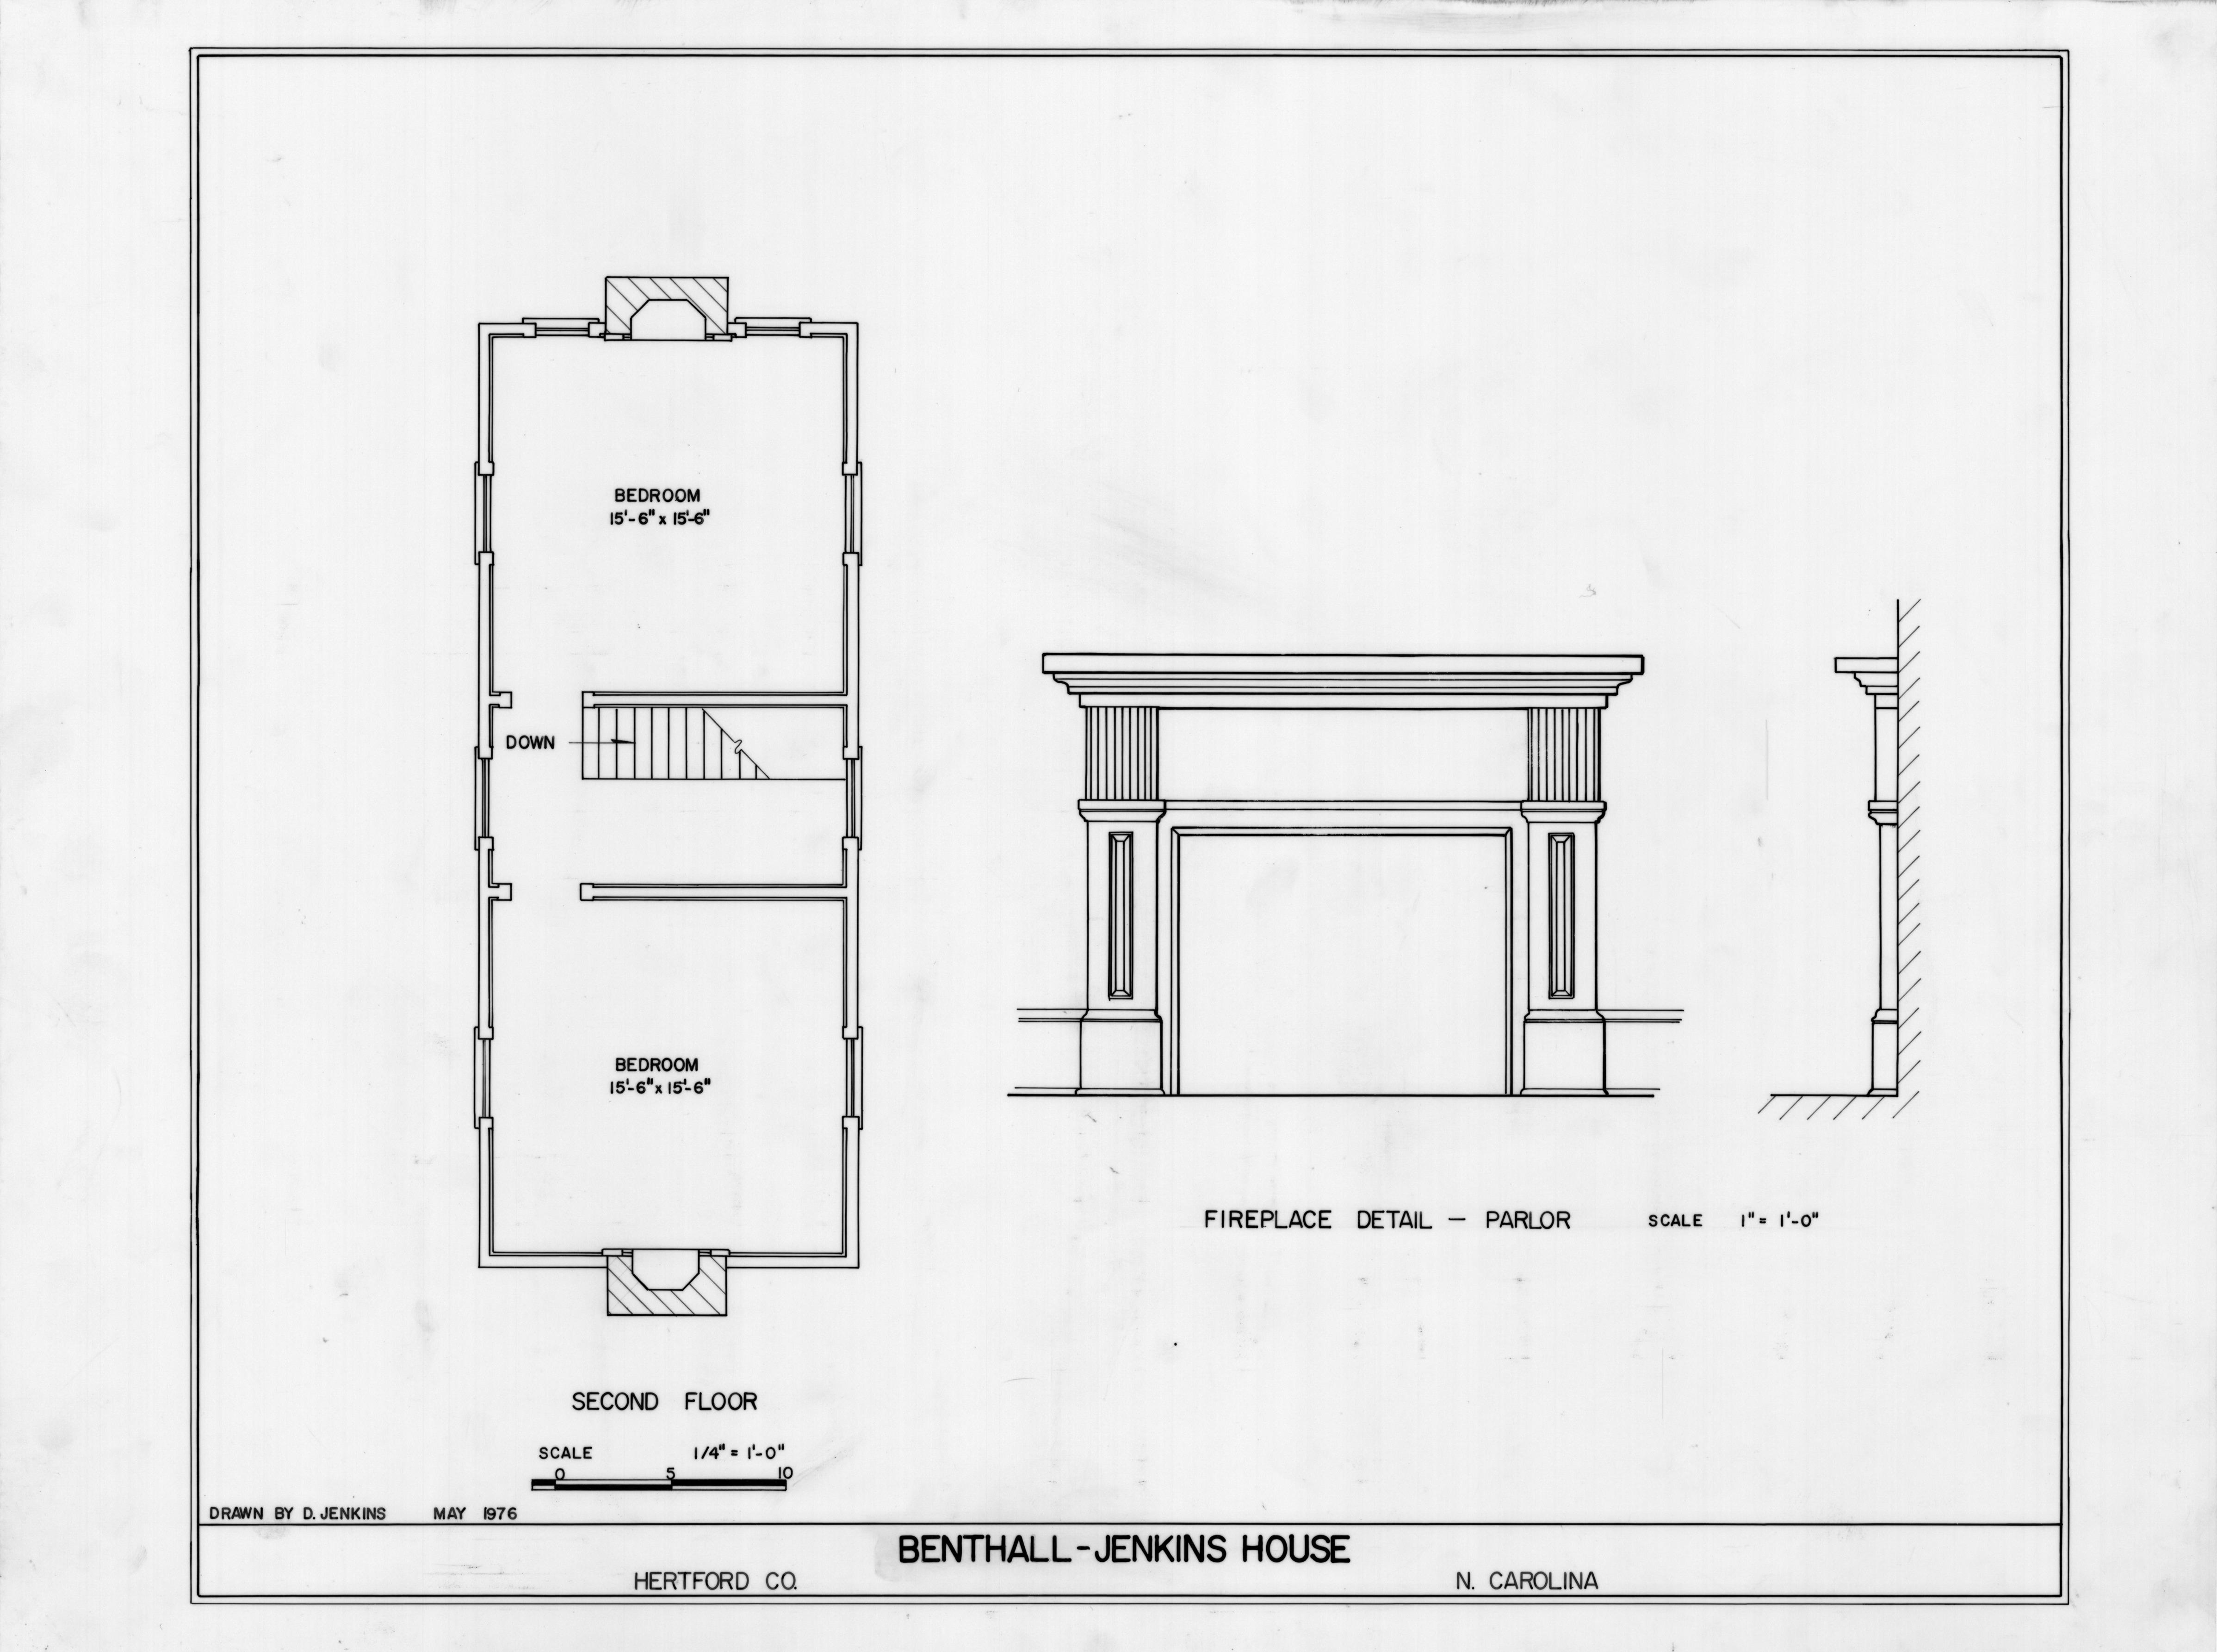 Fireplace Plan Drawing